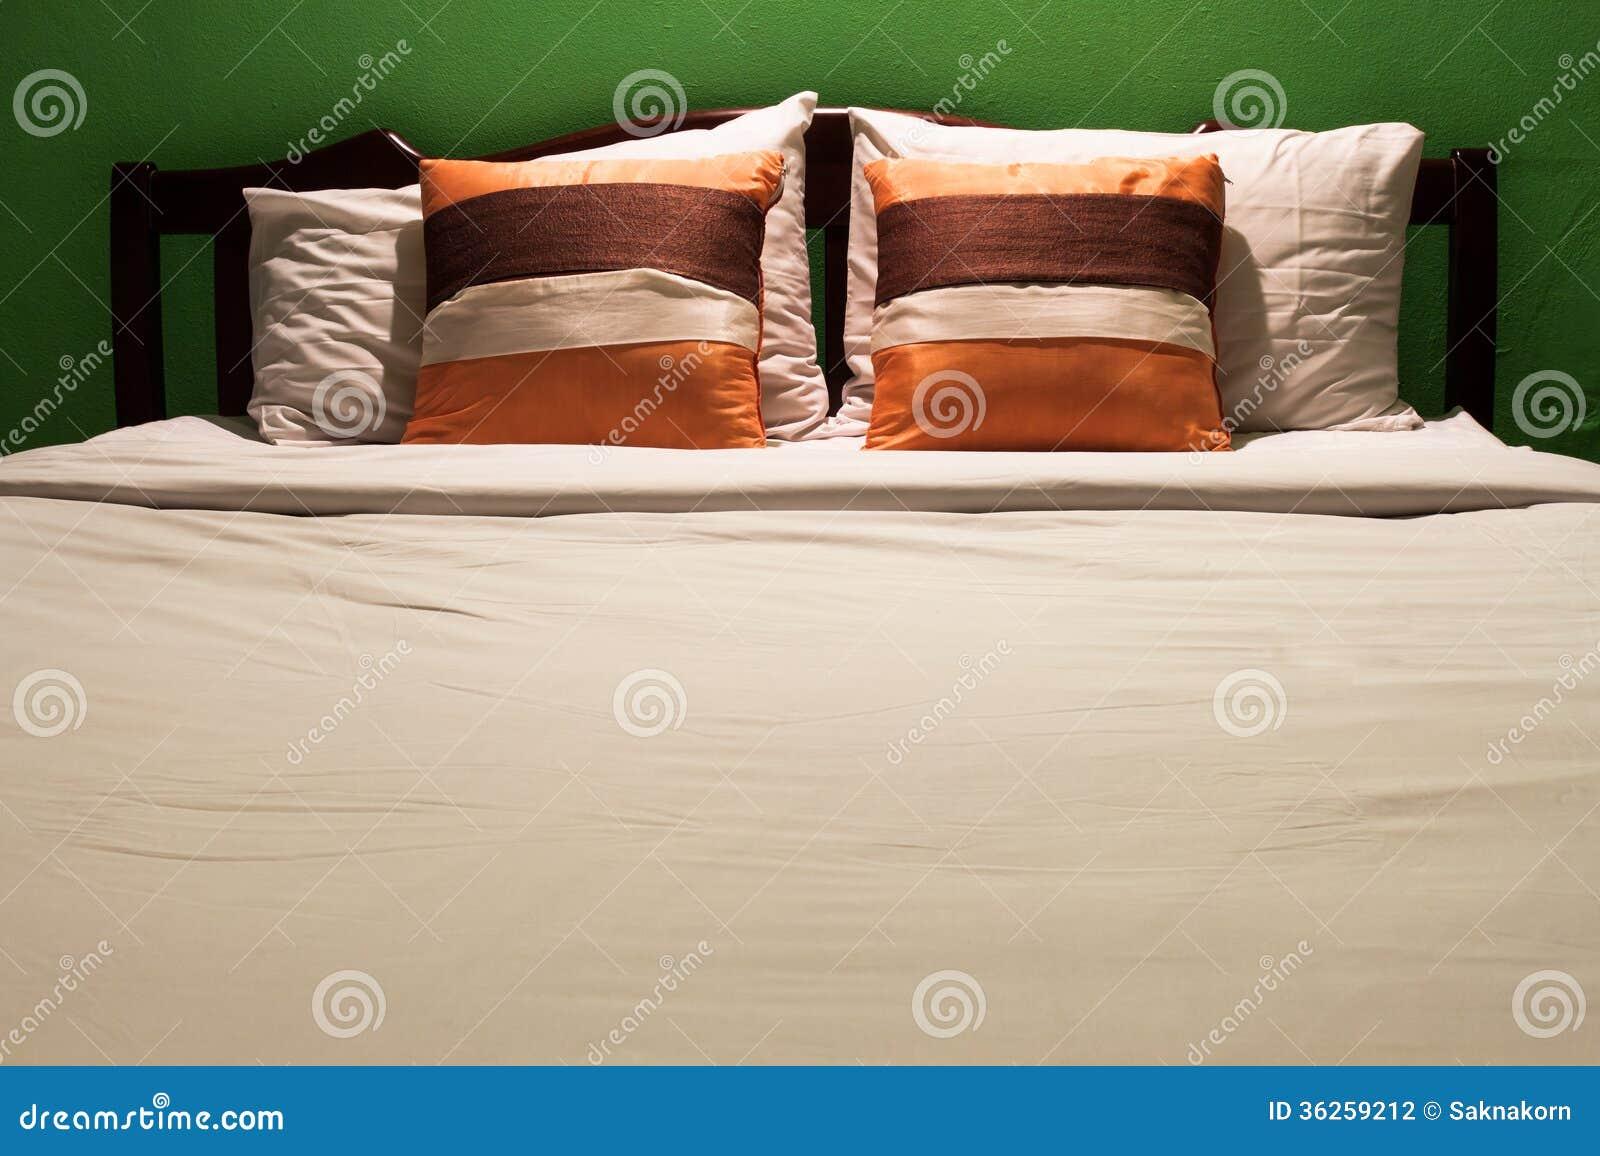 Parete Camera Da Letto Verde : Camera da letto e parete verde fotografia stock immagine